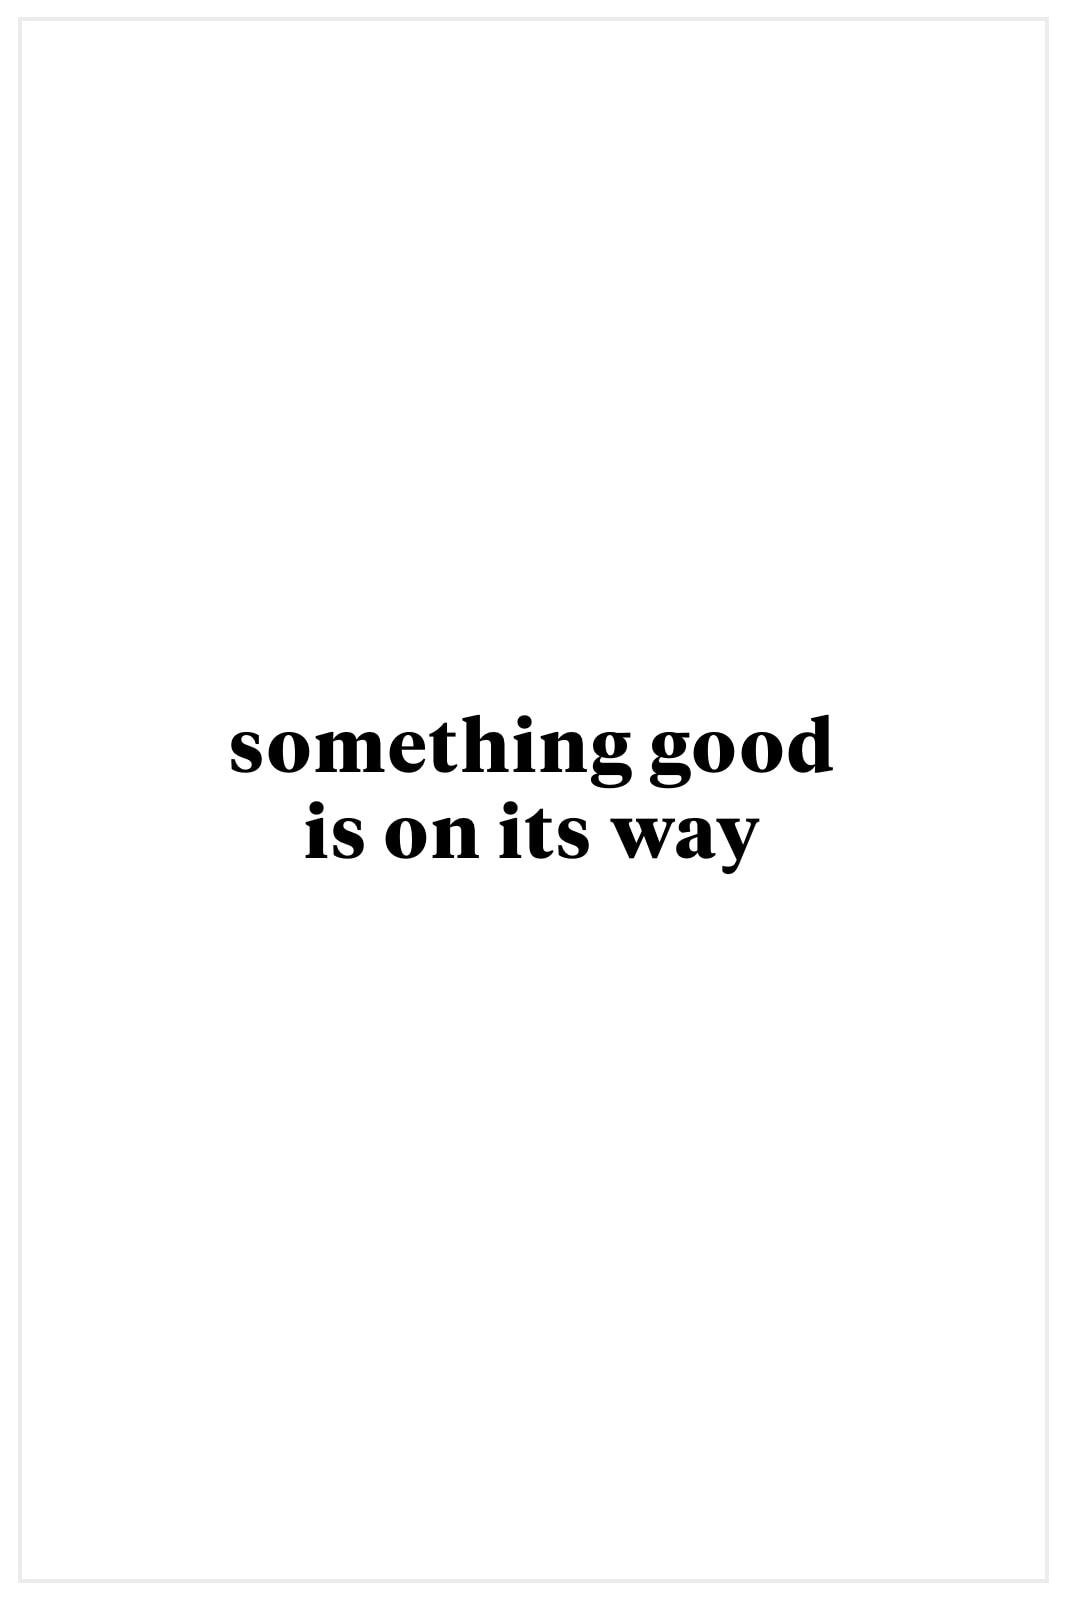 Cloth and stone Plaid Shirt